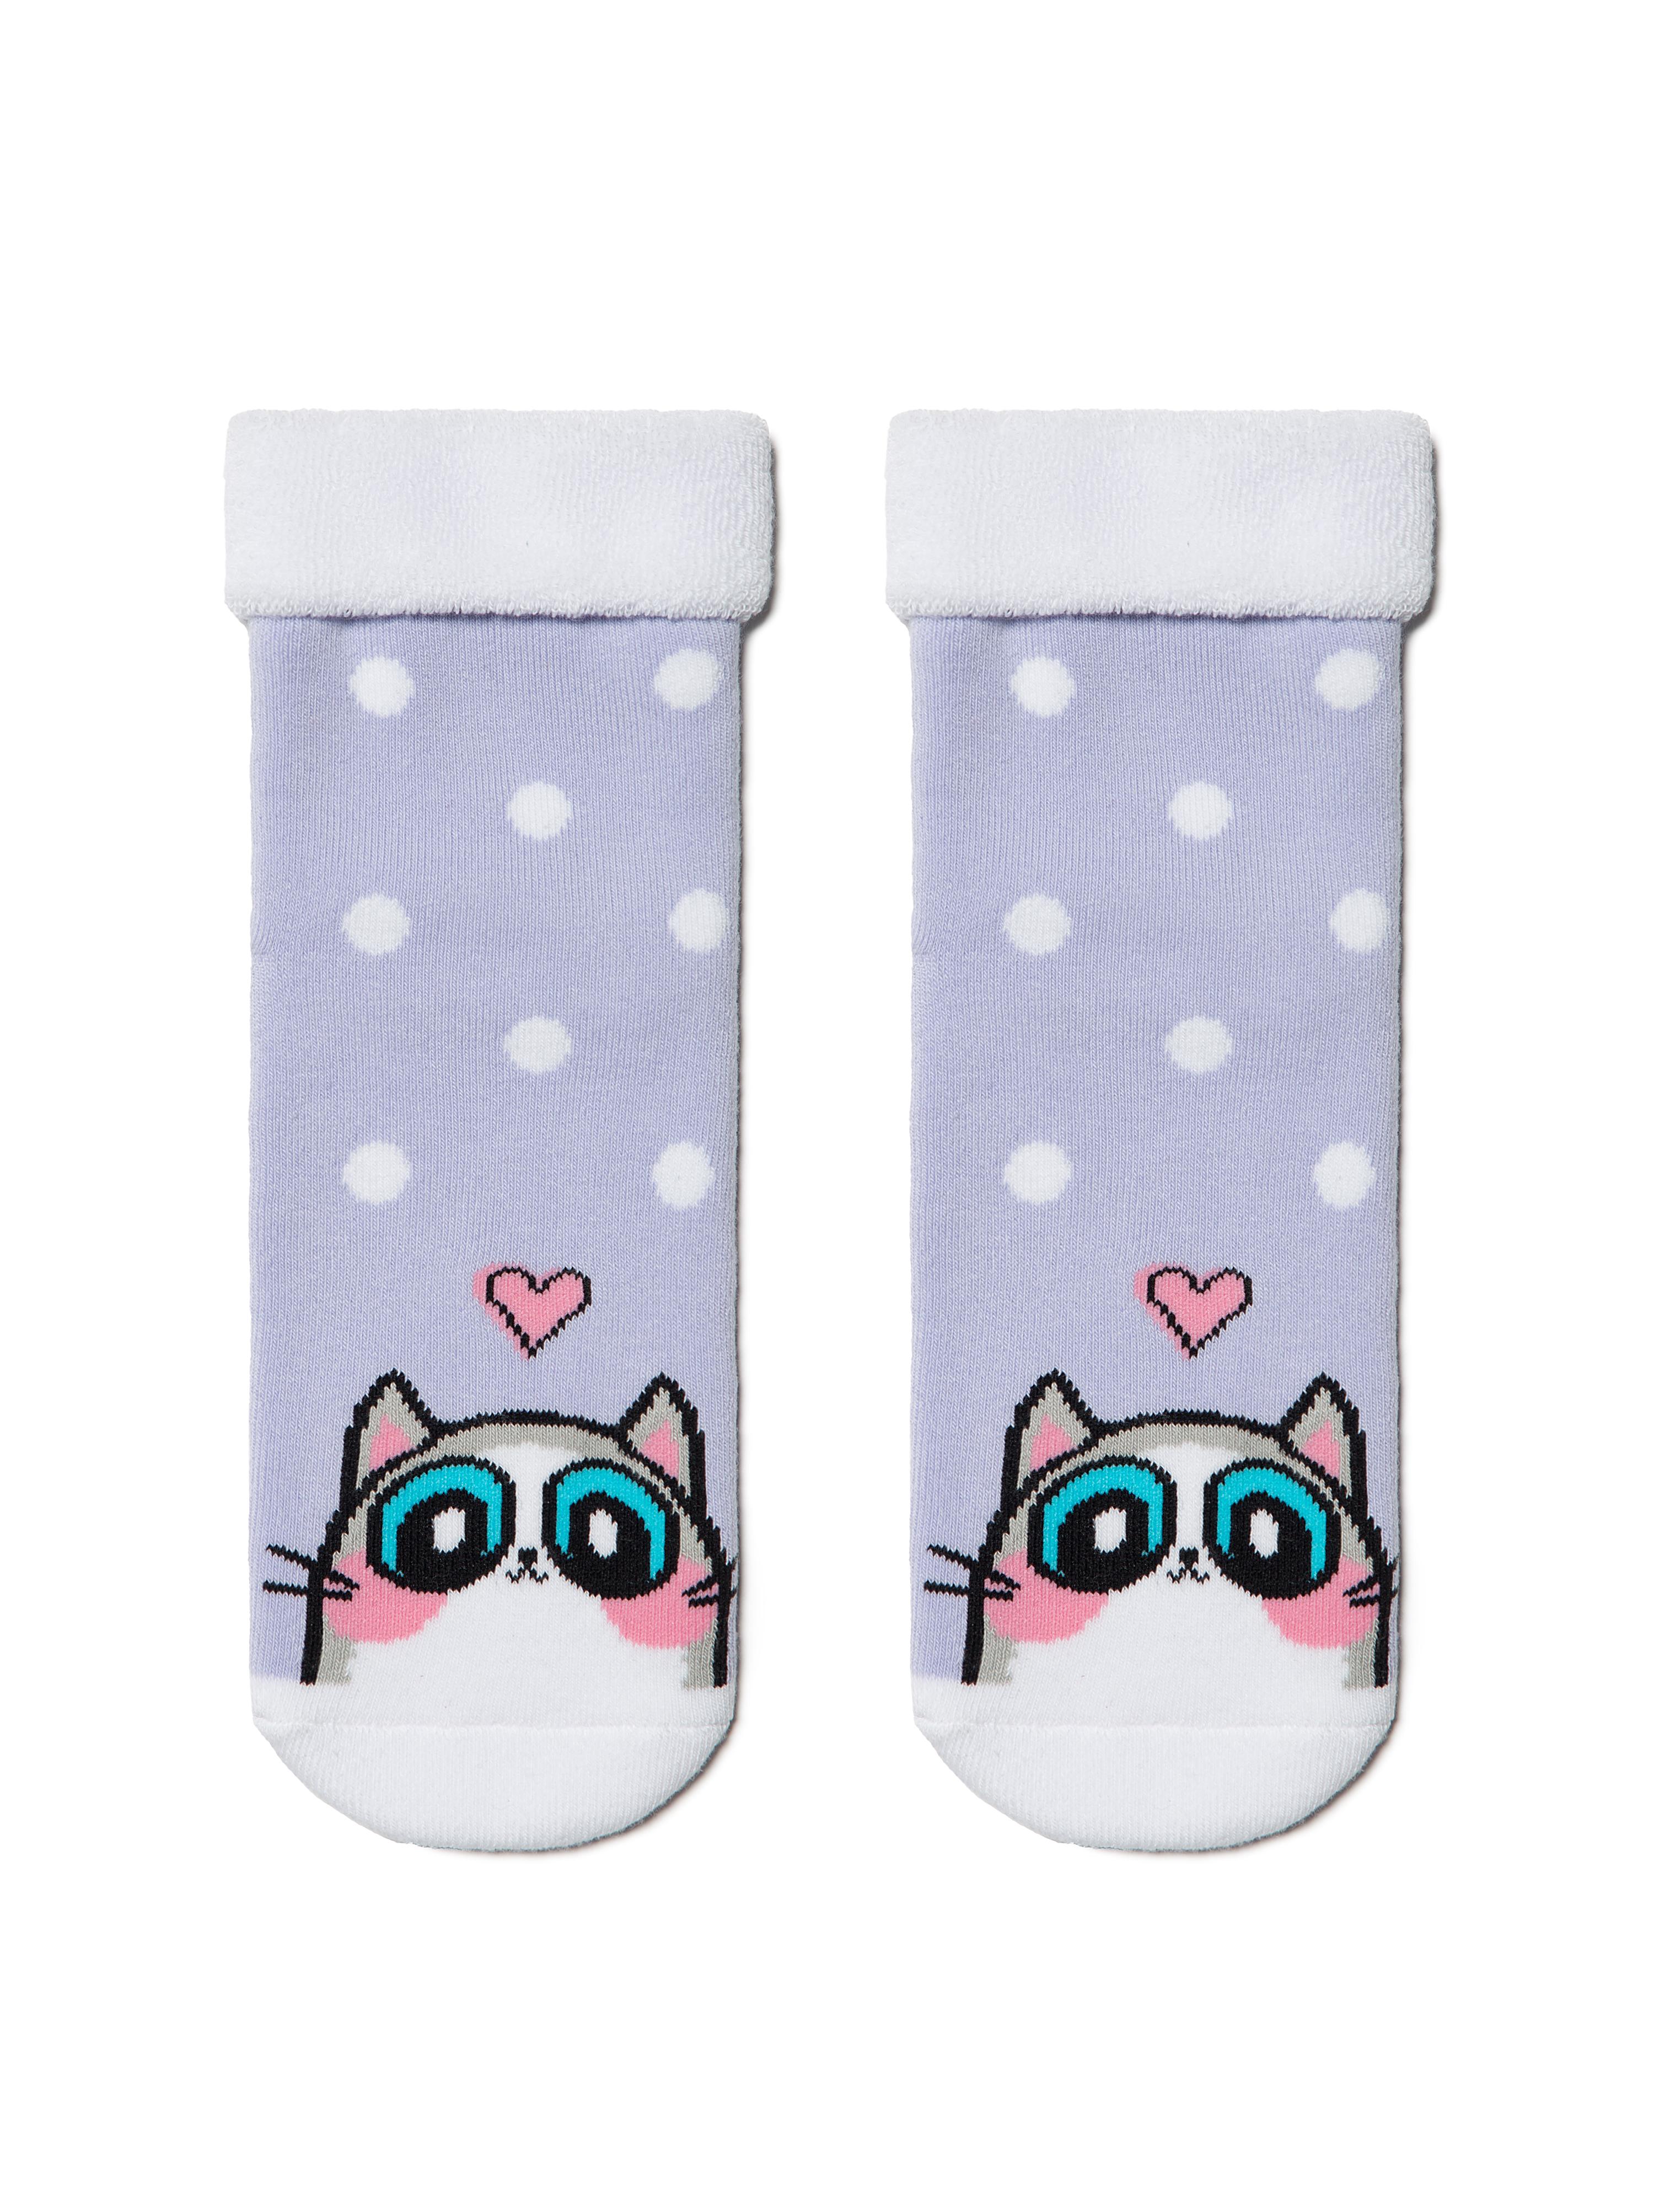 Купить Носки детские Conte Kids SOF-TIKI (с отворотом) 6С-19СП, р.20, 434 бледно-фиолетовый,